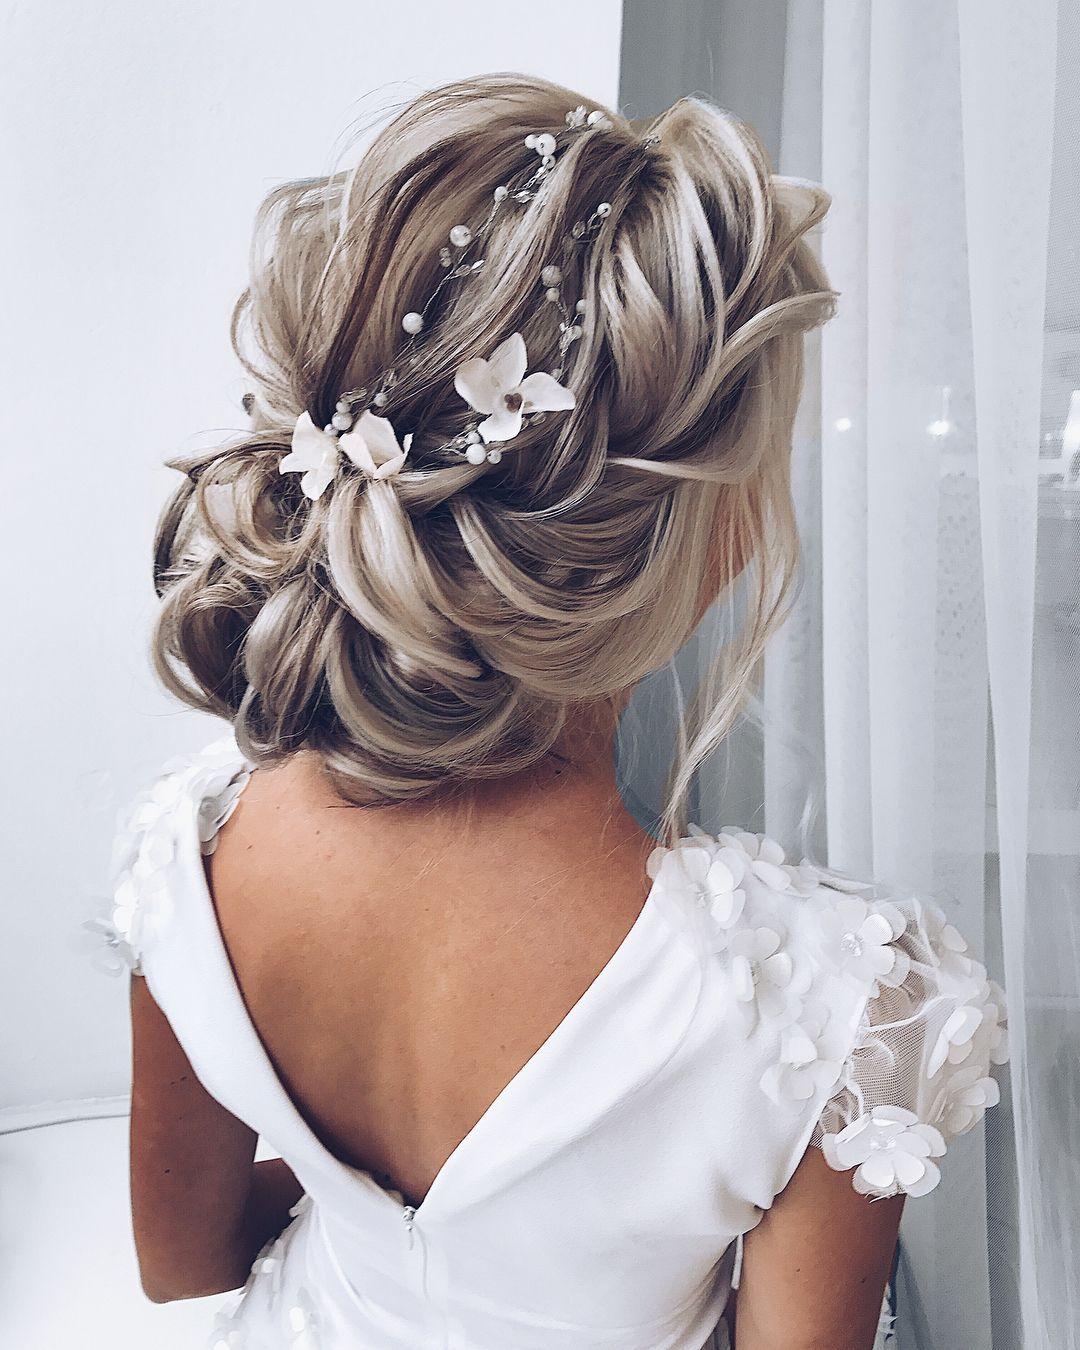 Wedding Forward Blog Auf Instagram Investiere In Deine Haare Es Ist Die Krone Die Du Niemals In 2020 Hochzeitsfrisuren Lange Hochzeit Frisuren Frisur Hochzeit